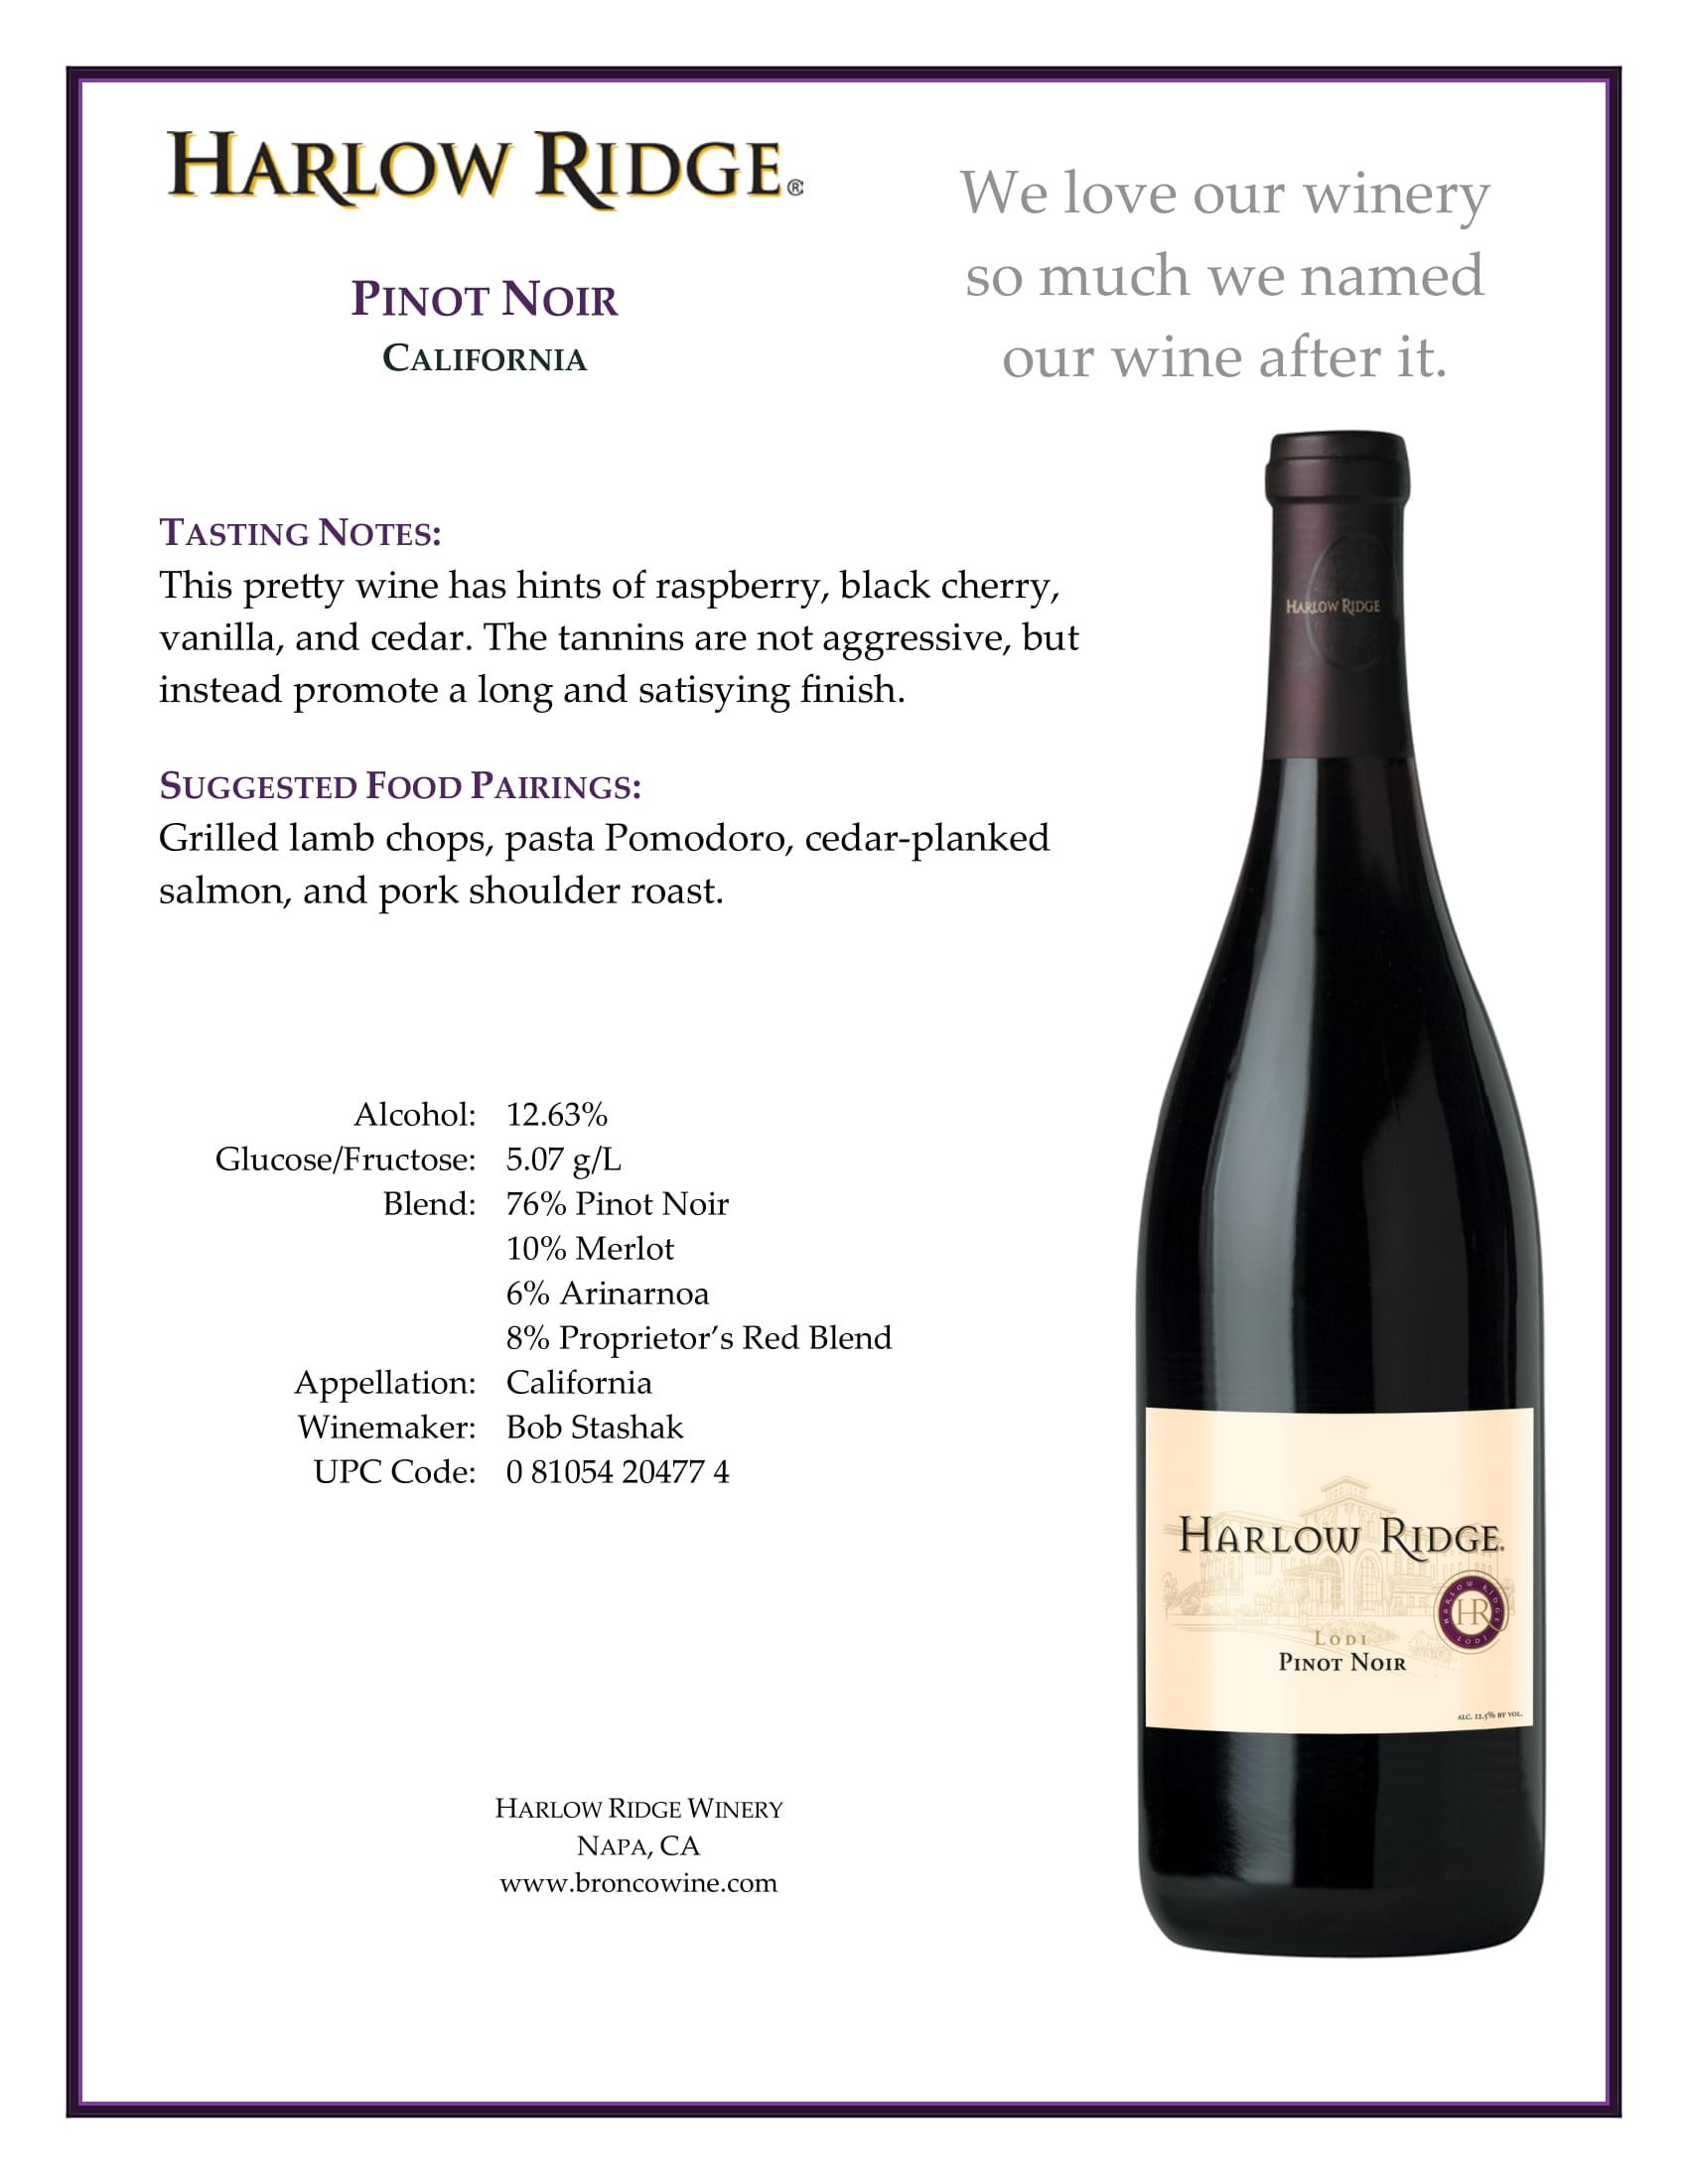 Harlow Ridge Pinot Noir Tech Sheet